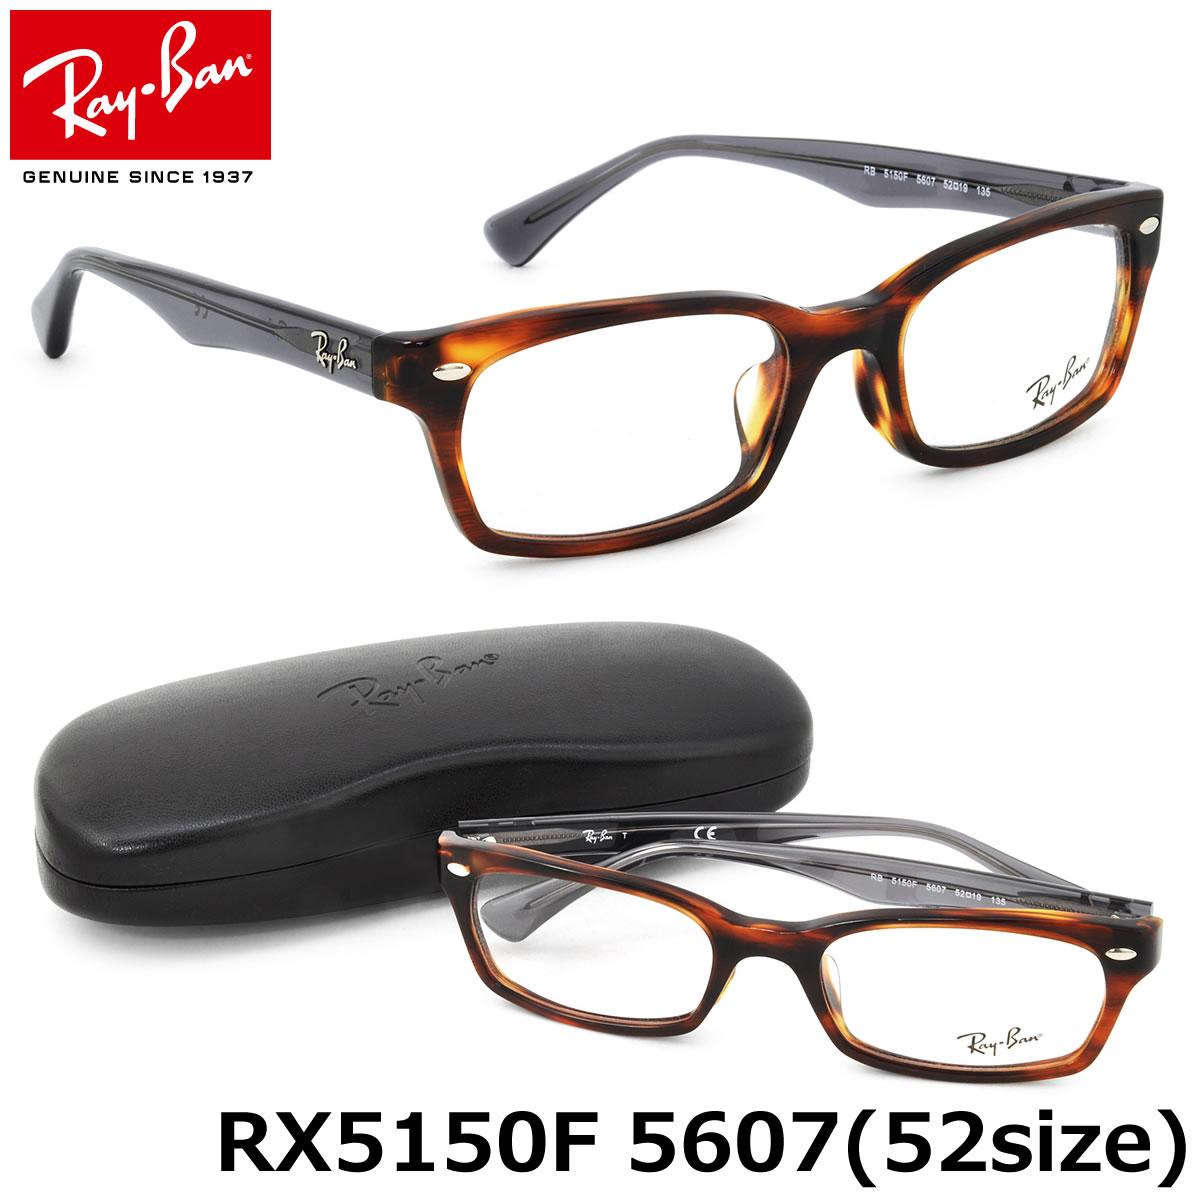 【10月30日からエントリーで全品ポイント20倍】レイバン メガネ フレーム Ray-Ban RX5150F 5607 52サイズ スクエア フルフィット レイバン Ray-Ban RayBan メンズ レディース